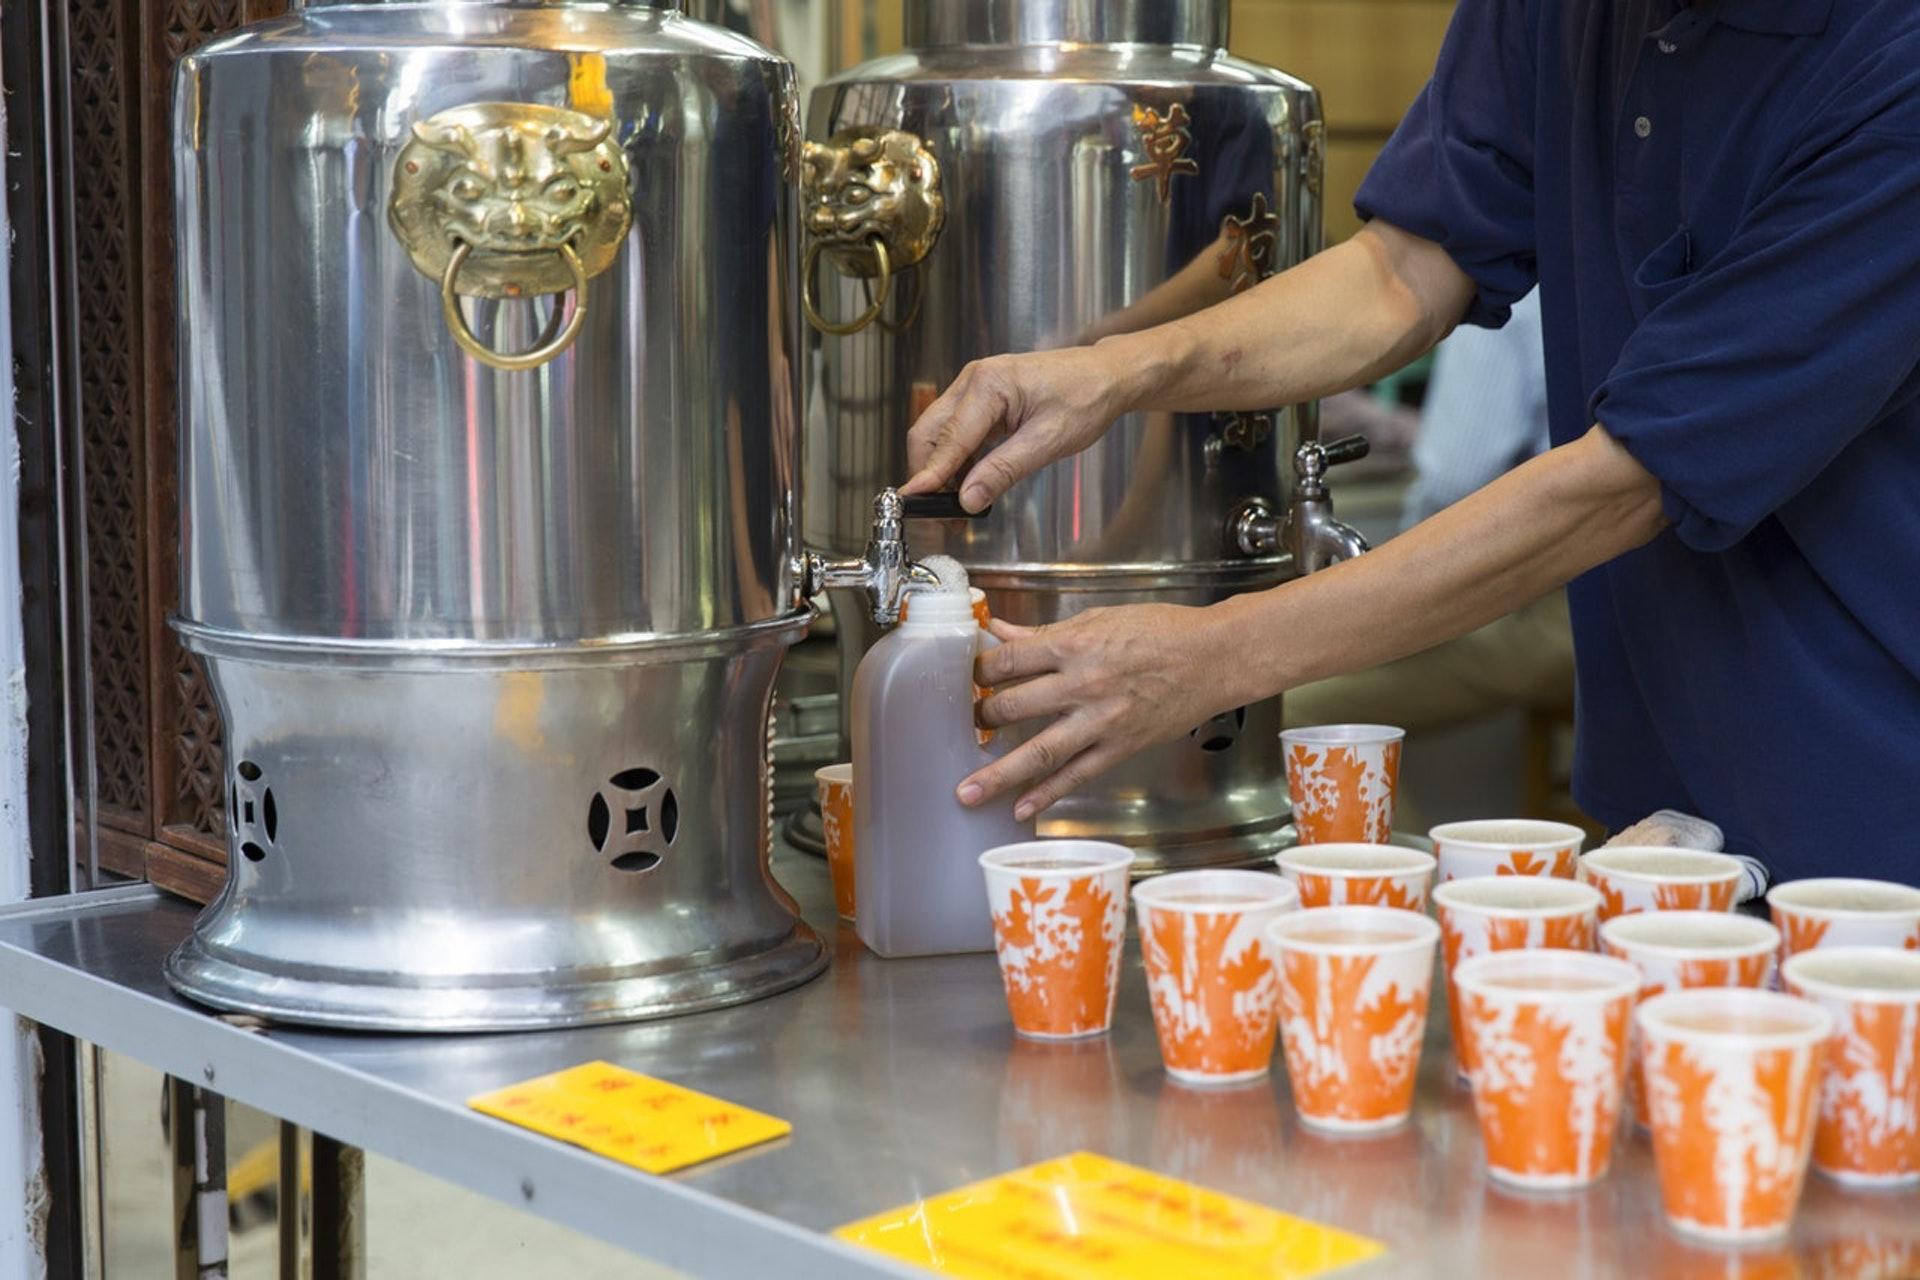 不少人生暗瘡時會買涼茶解毒下火,但原來是治標不治本。(資料圖片/葉璋時攝)